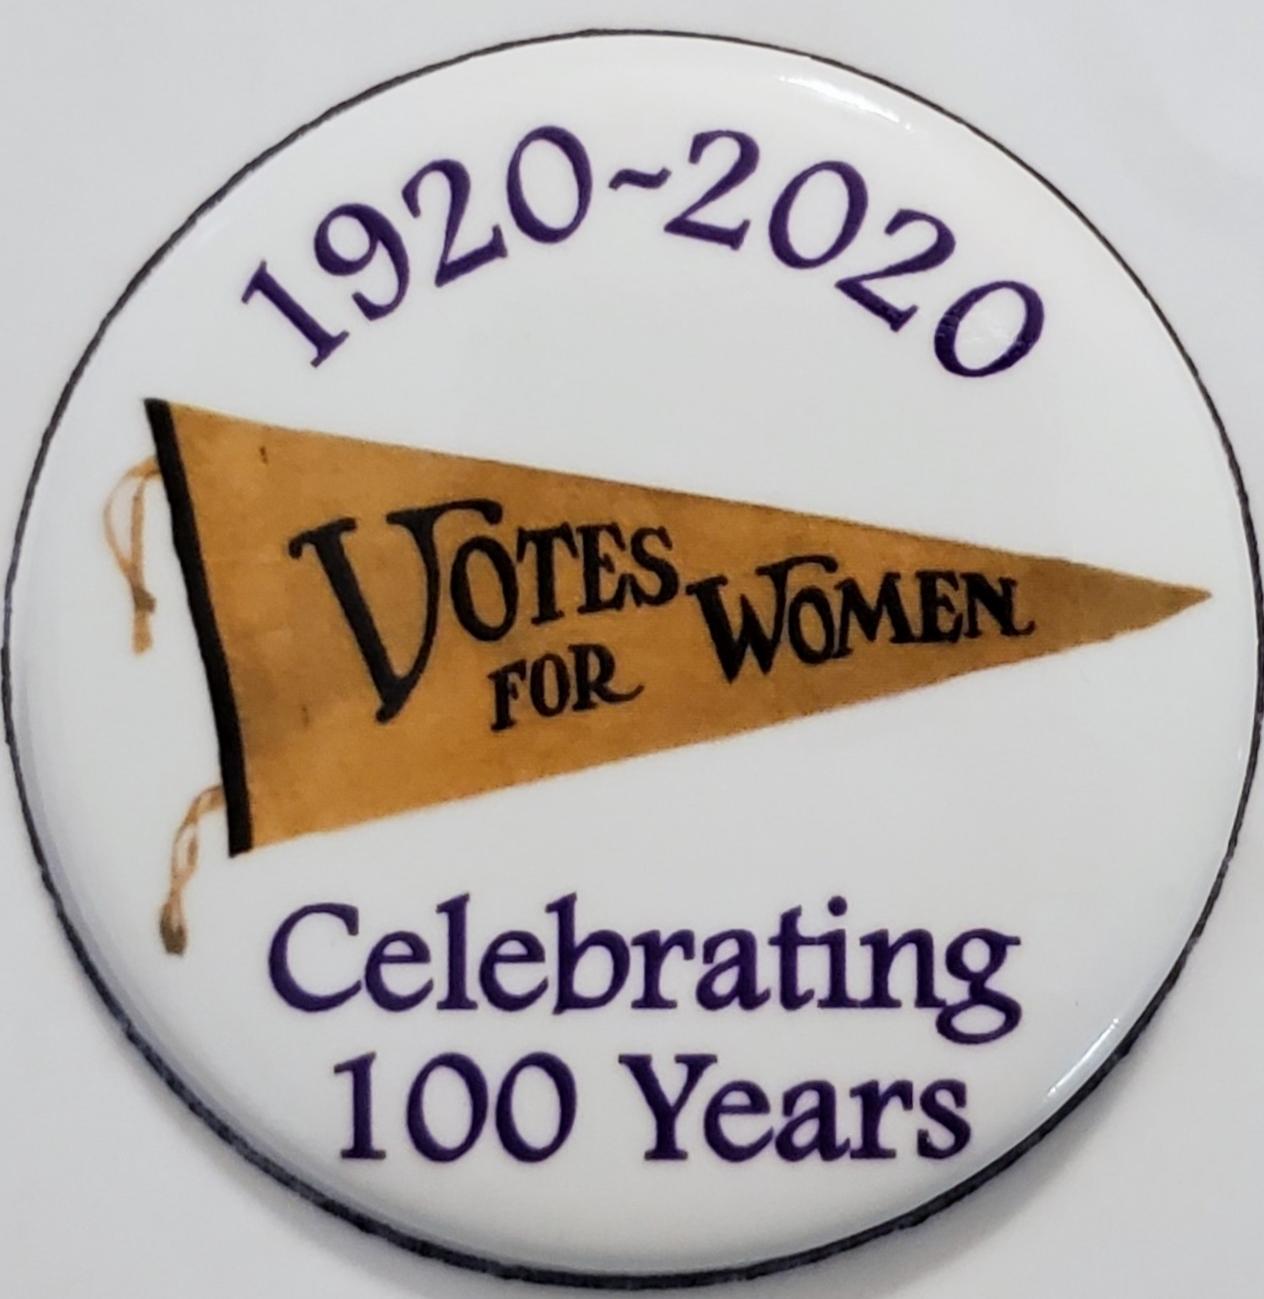 Votes for Women-Celebrating 100